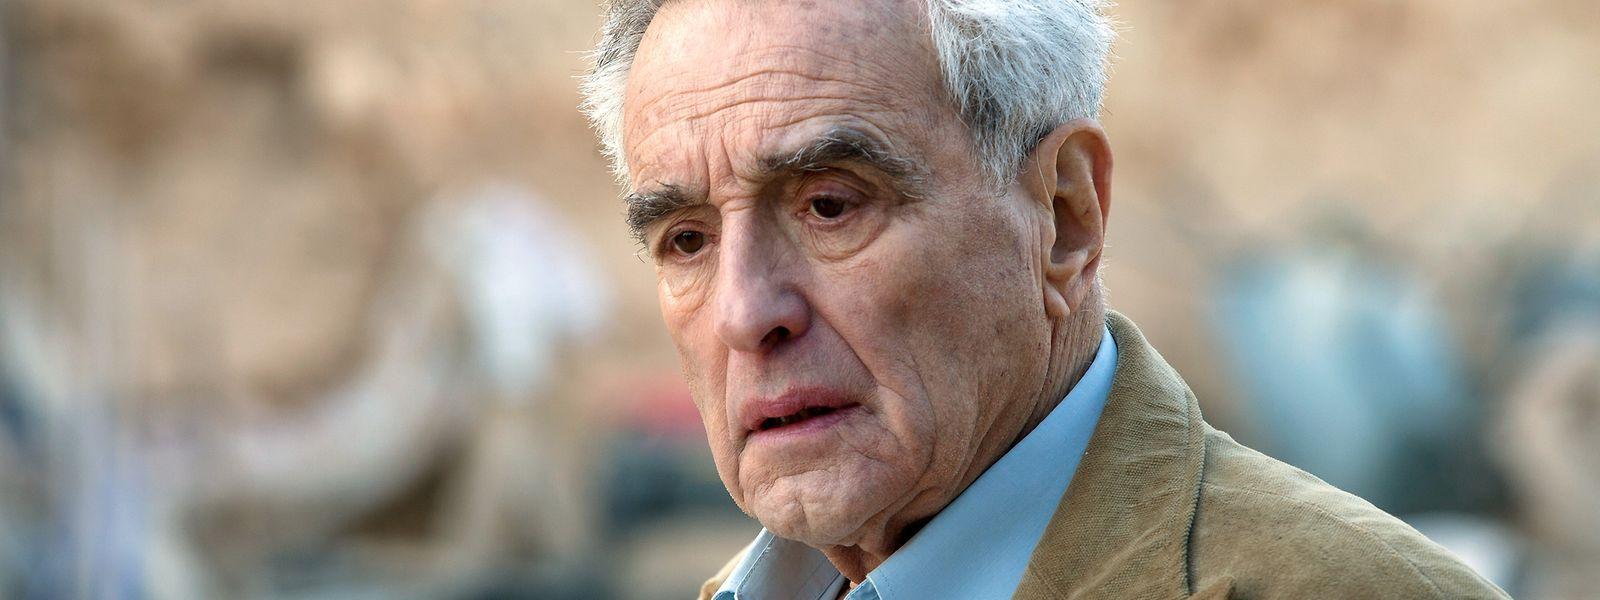 """In """"Der Tel-Aviv-Krimi: Masada"""" konzentrieren sich die Ermittlungen auf den Vater des toten Archäologen, den Holocaust-Überlebenden Avram Salzman, gespielt von Michael Degen."""